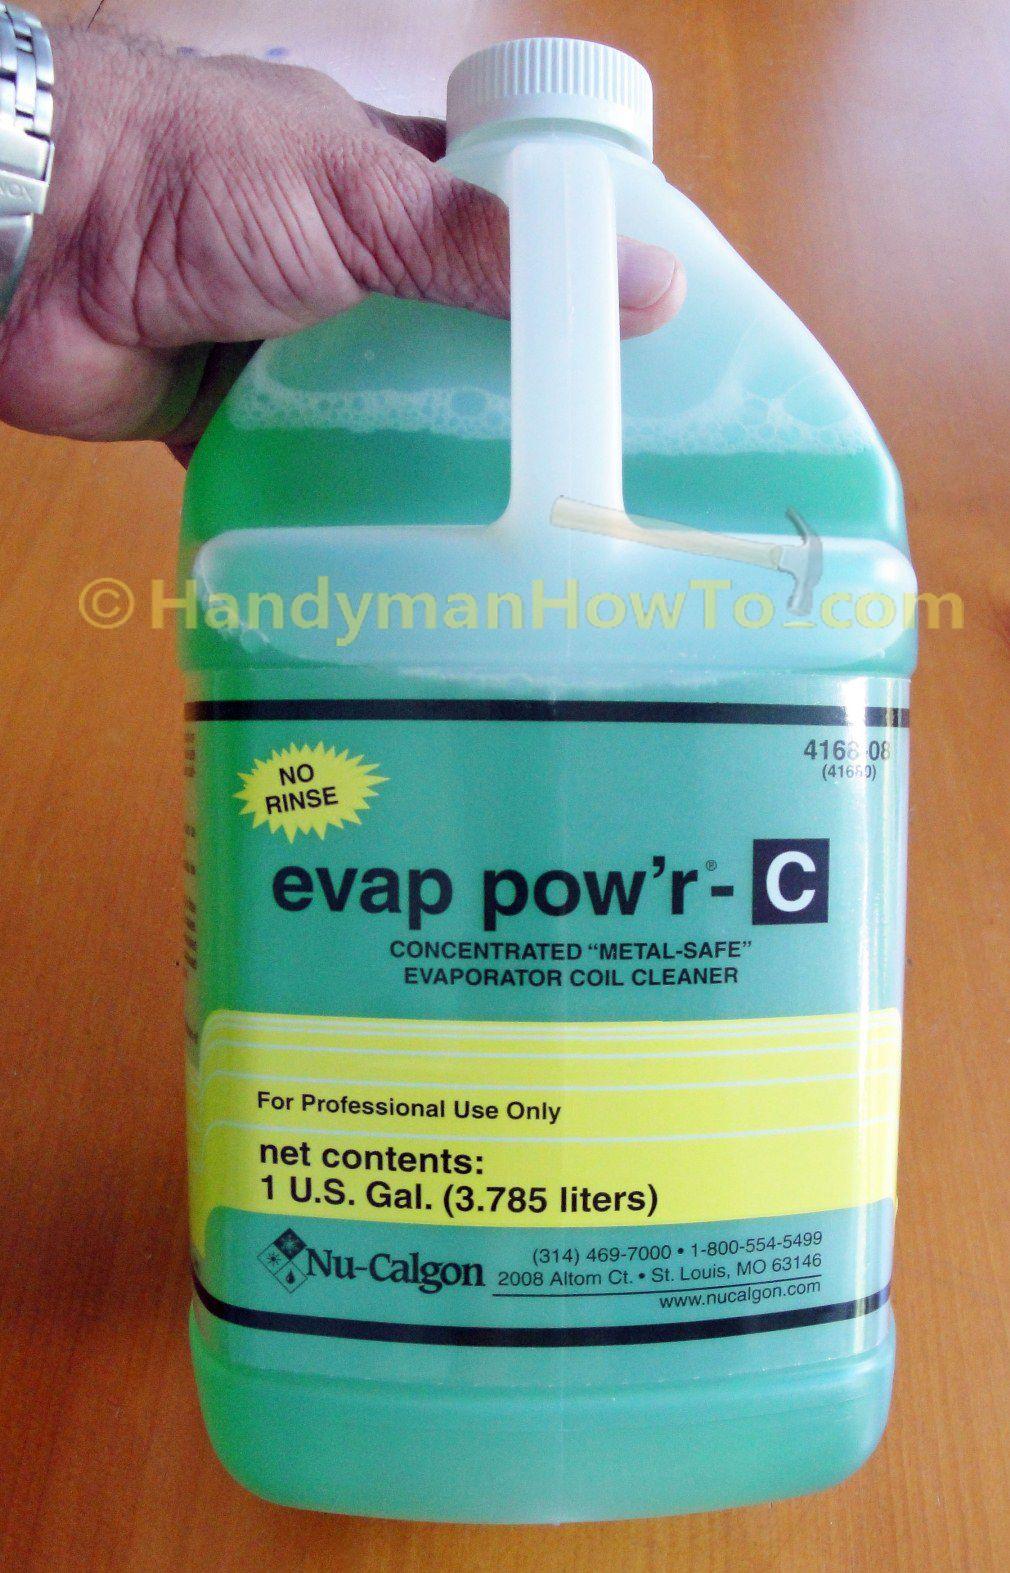 Evaporator Coil Cleaner Nu Calgon Evap Pow R C 4168 08 1